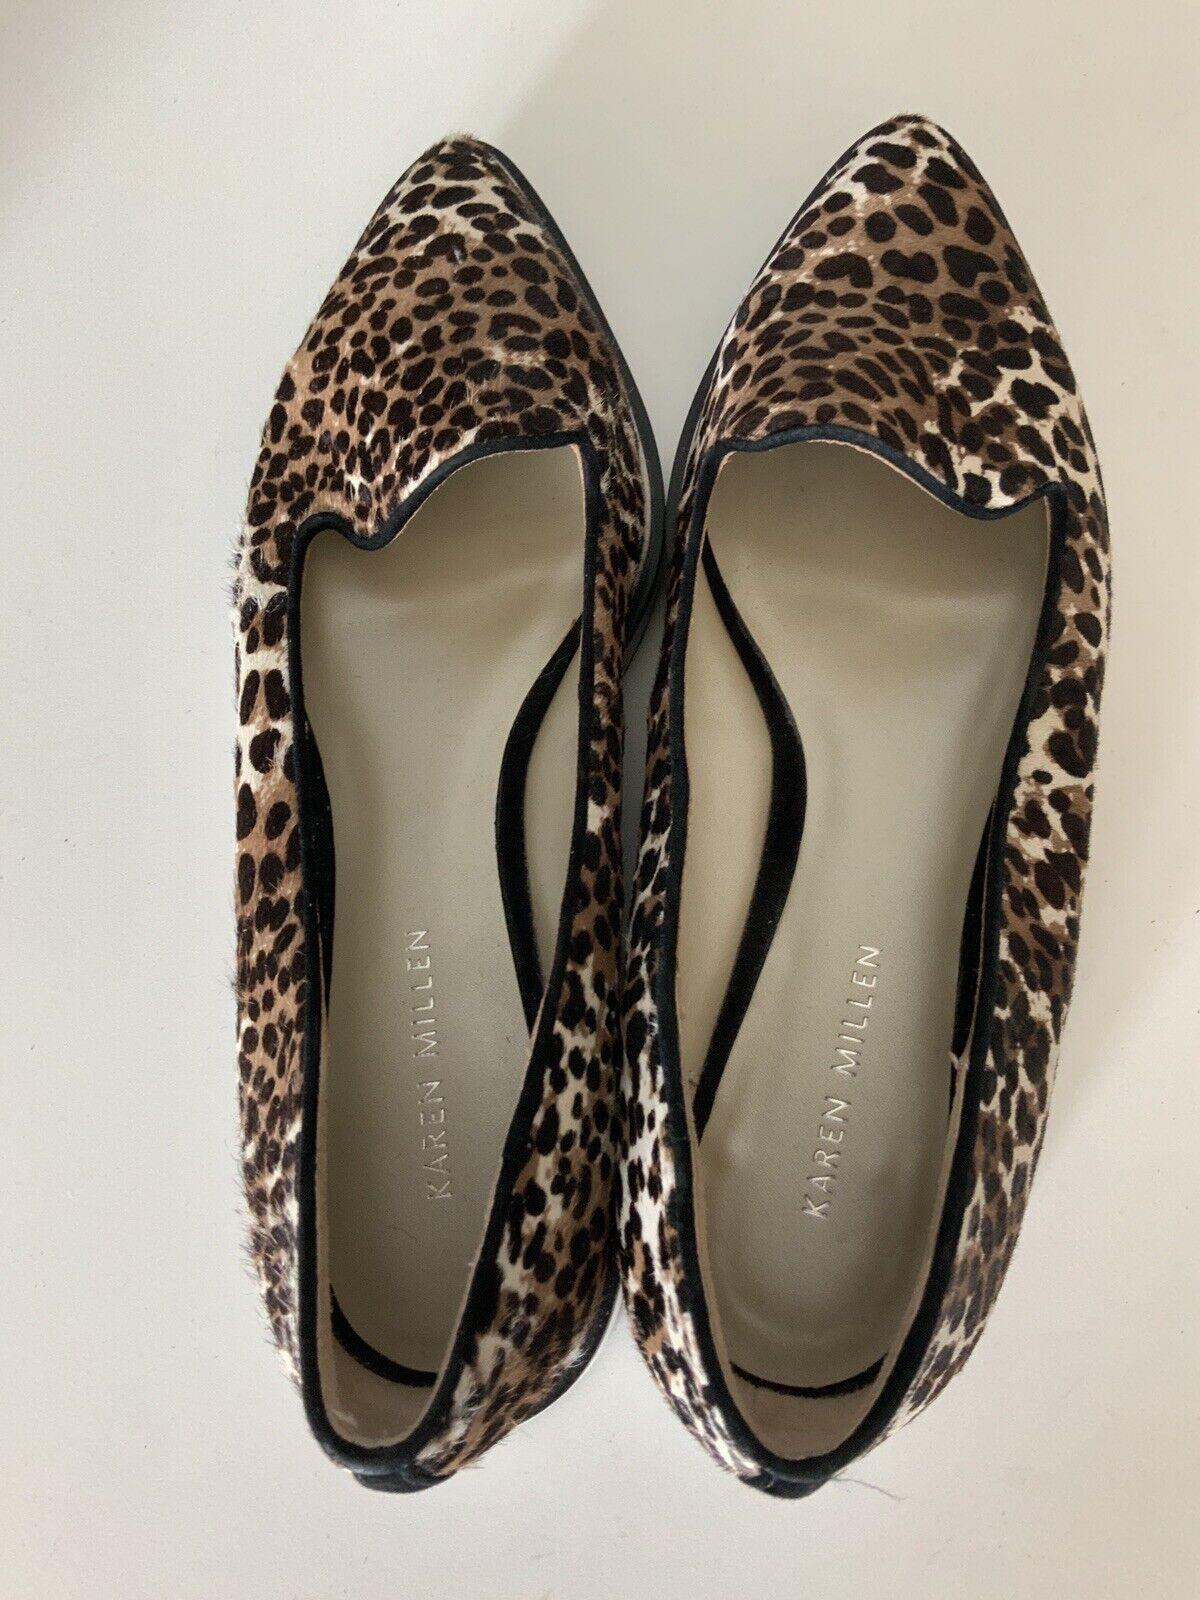 Karen Millen Leopard Print Pony Hair Flats schuhe Größe 39 uk 6 VGC